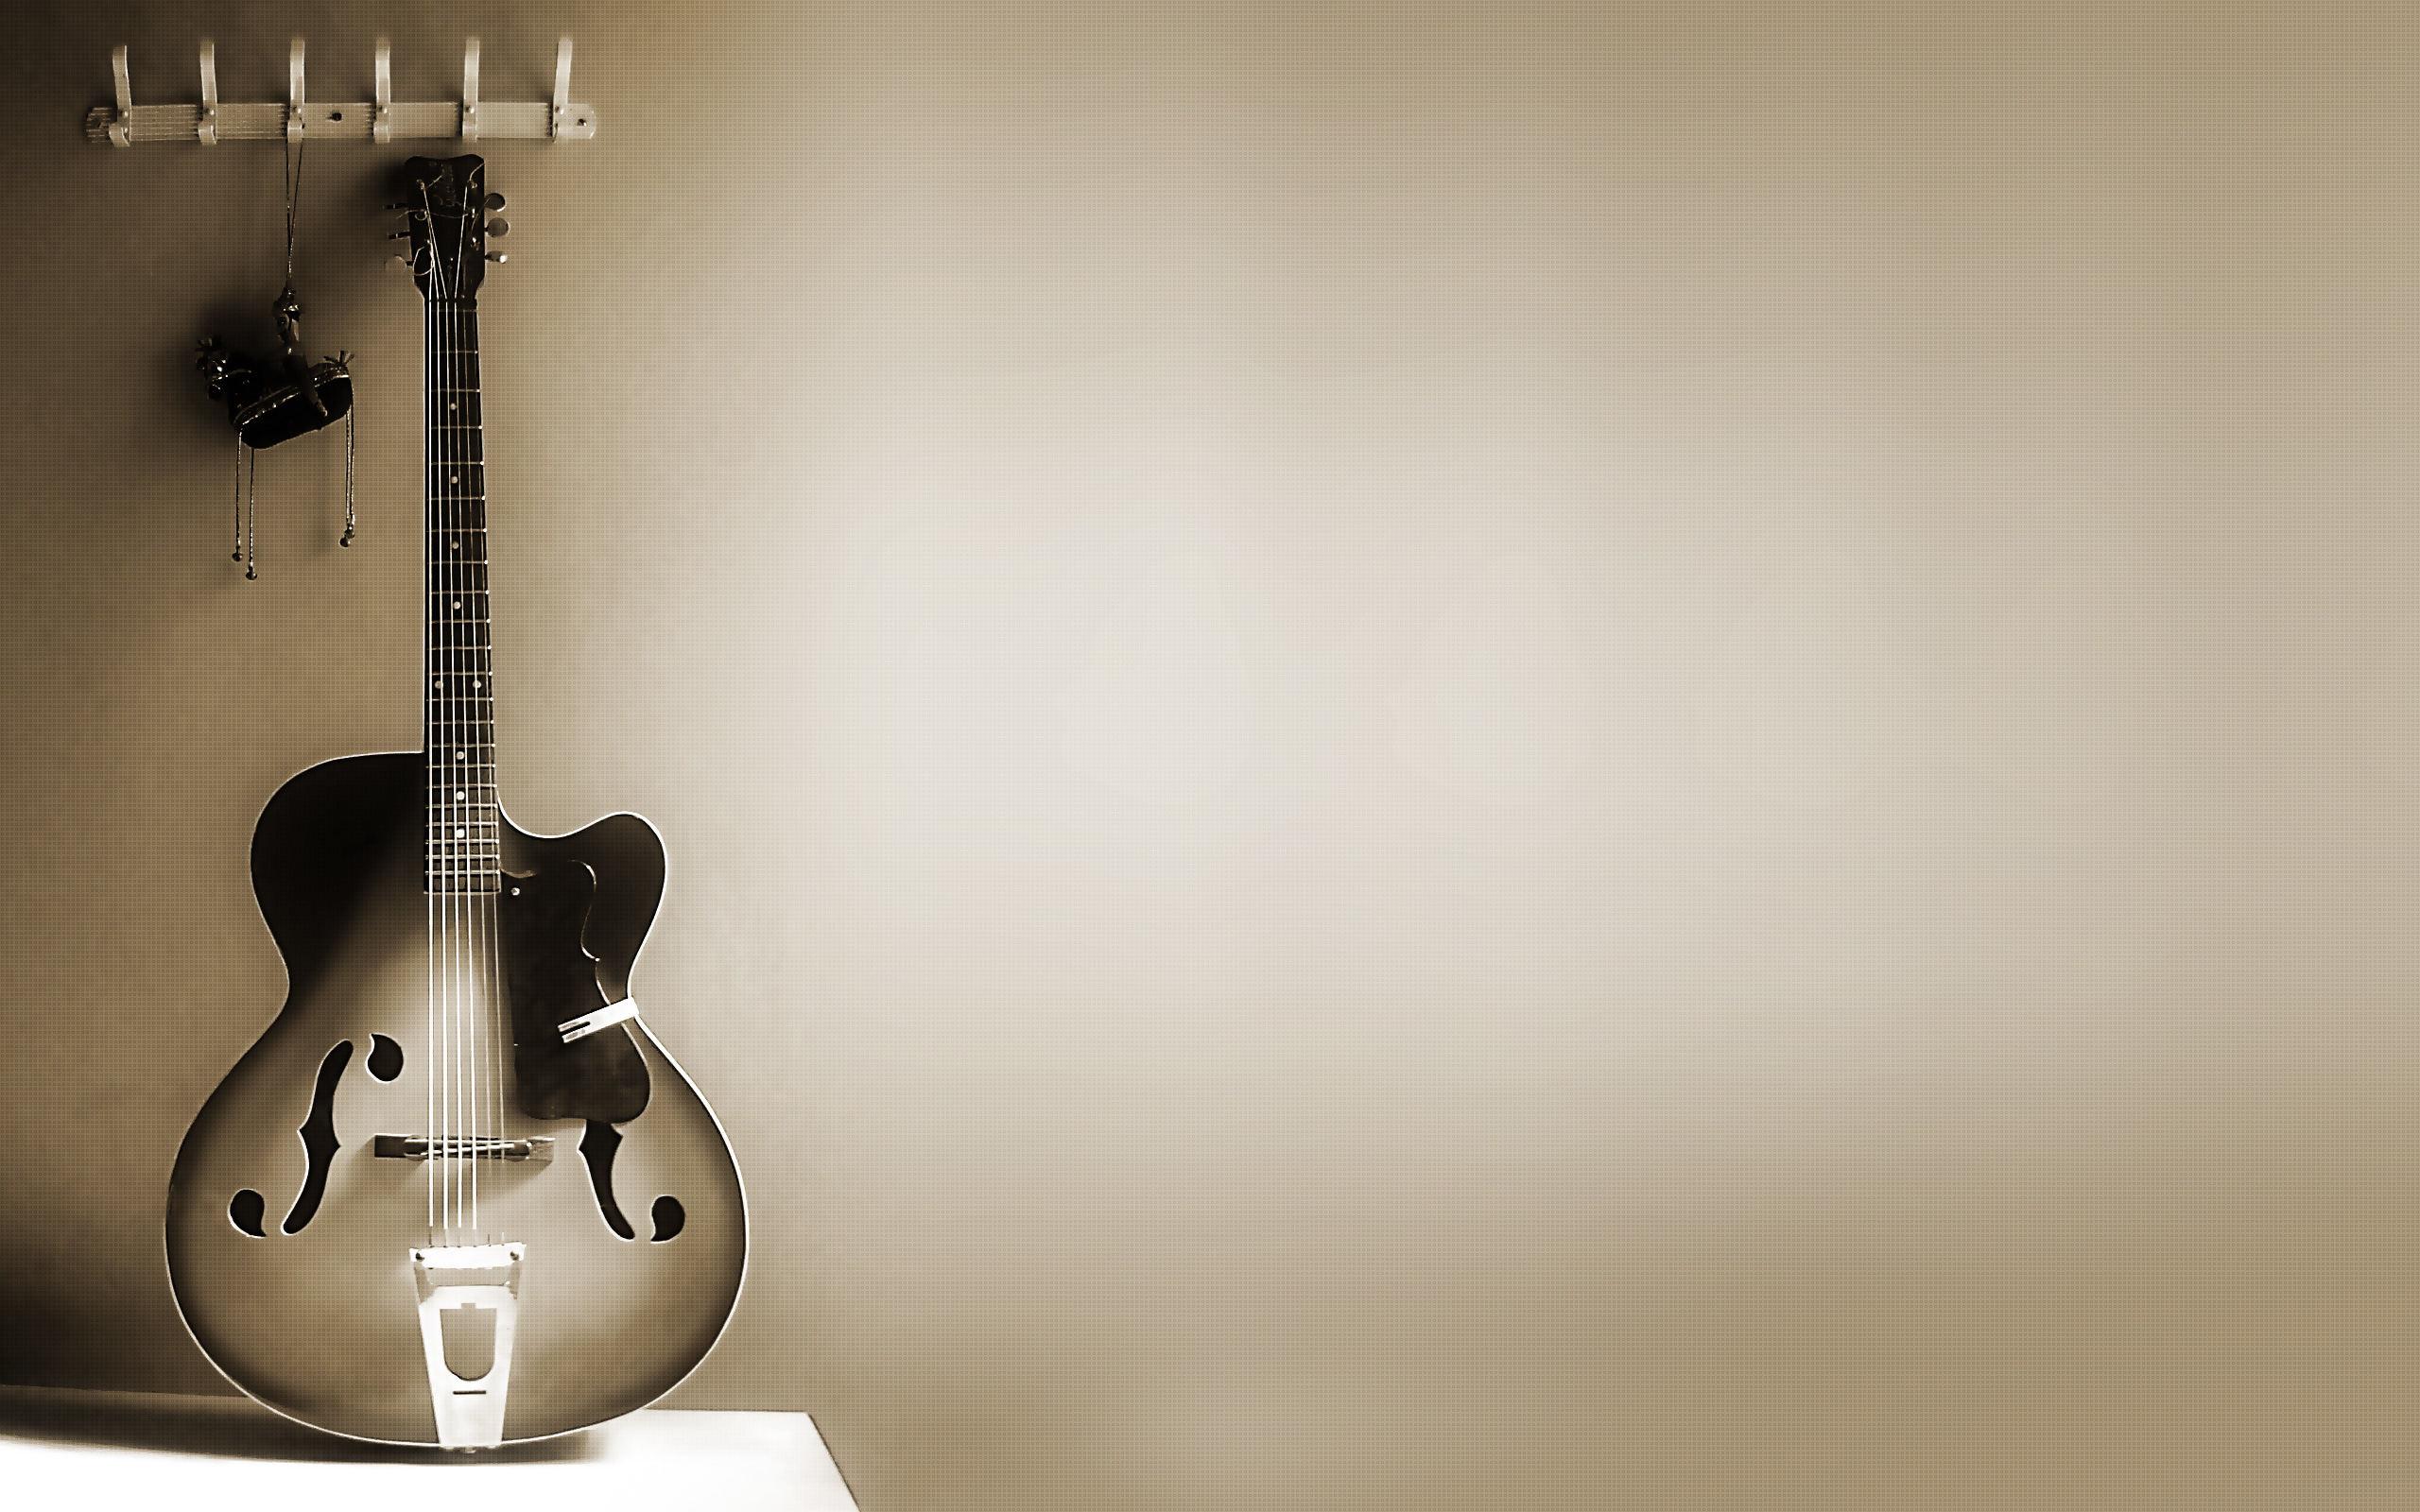 [EduVIP] Nâng cao trình độ guitar cùng Haketu (đệm hát và fingerstyle)